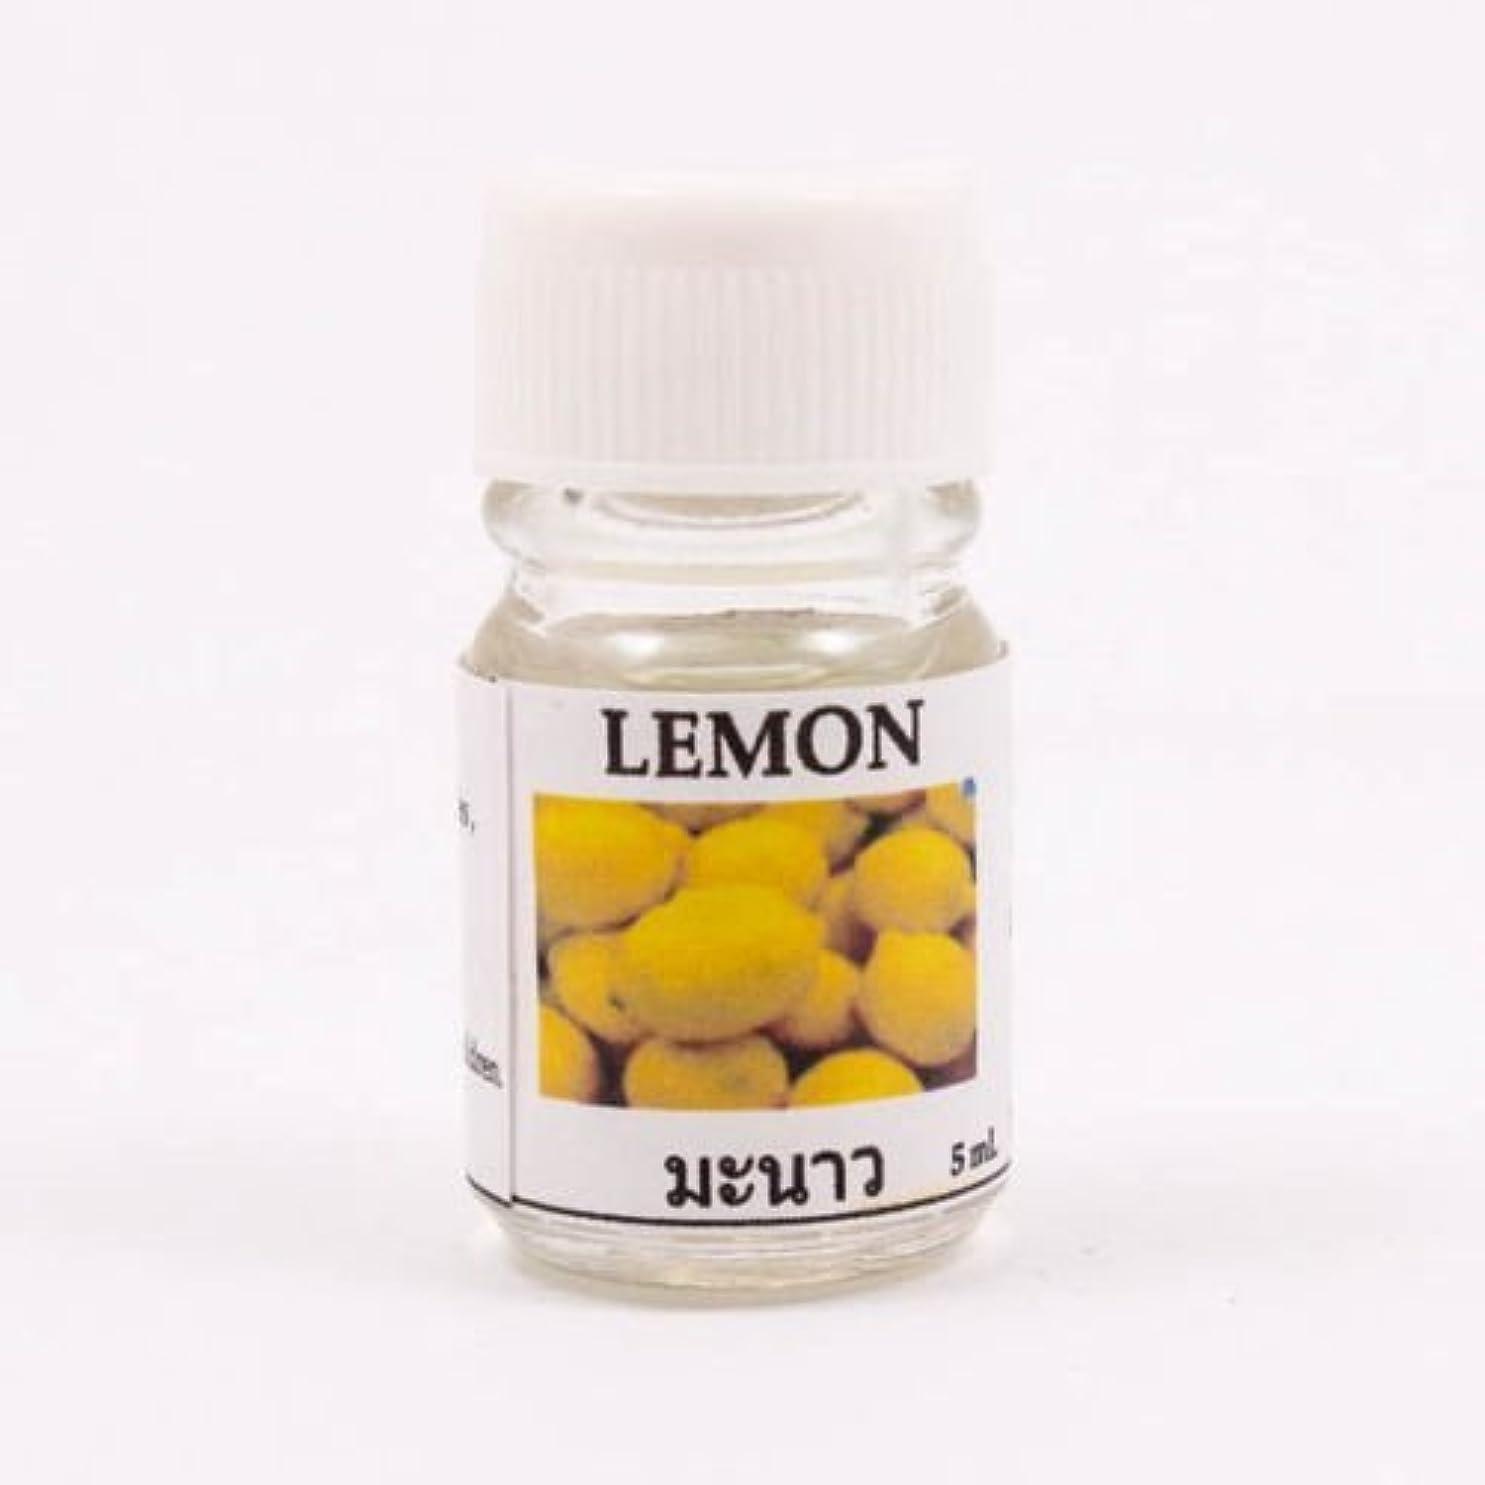 不忠引き渡すアミューズ6X Lemon Aroma Fragrance Essential Oil 5ML. (cc) Diffuser Burner Therapy